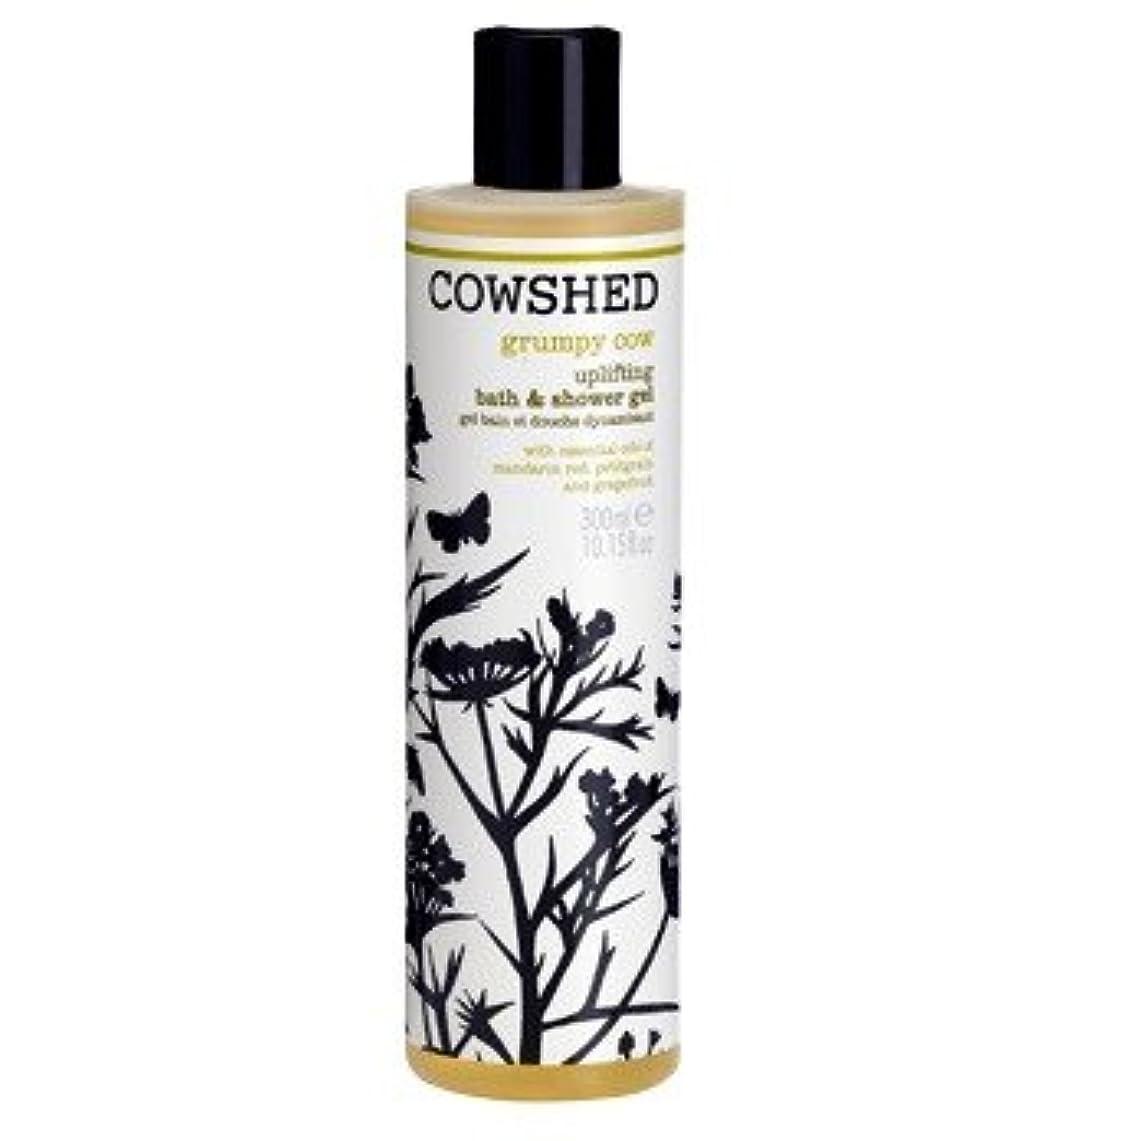 明らかにする地球一部牛舎気難しい牛高揚バス&シャワージェル300ミリリットル (Cowshed) (x2) - Cowshed Grumpy Cow Uplifting Bath & Shower Gel 300ml (Pack of 2) [並行輸入品]